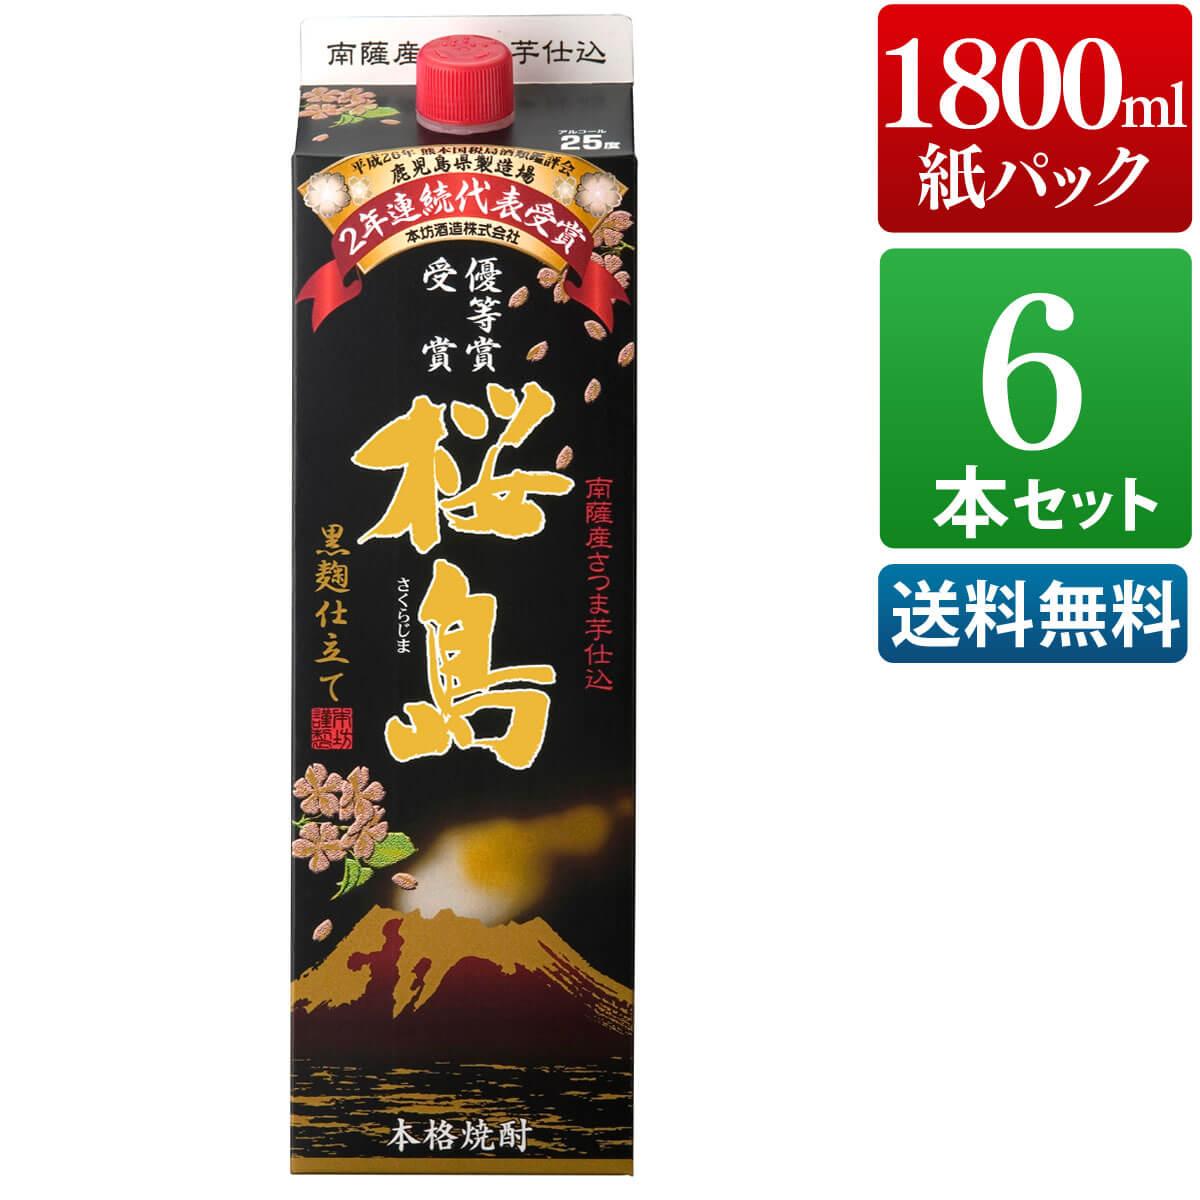 芋焼酎 6本セット 黒麹仕立て桜島 25度 1800ml 紙パック [ 本坊酒造 芋焼酎 / 送料無料 ]